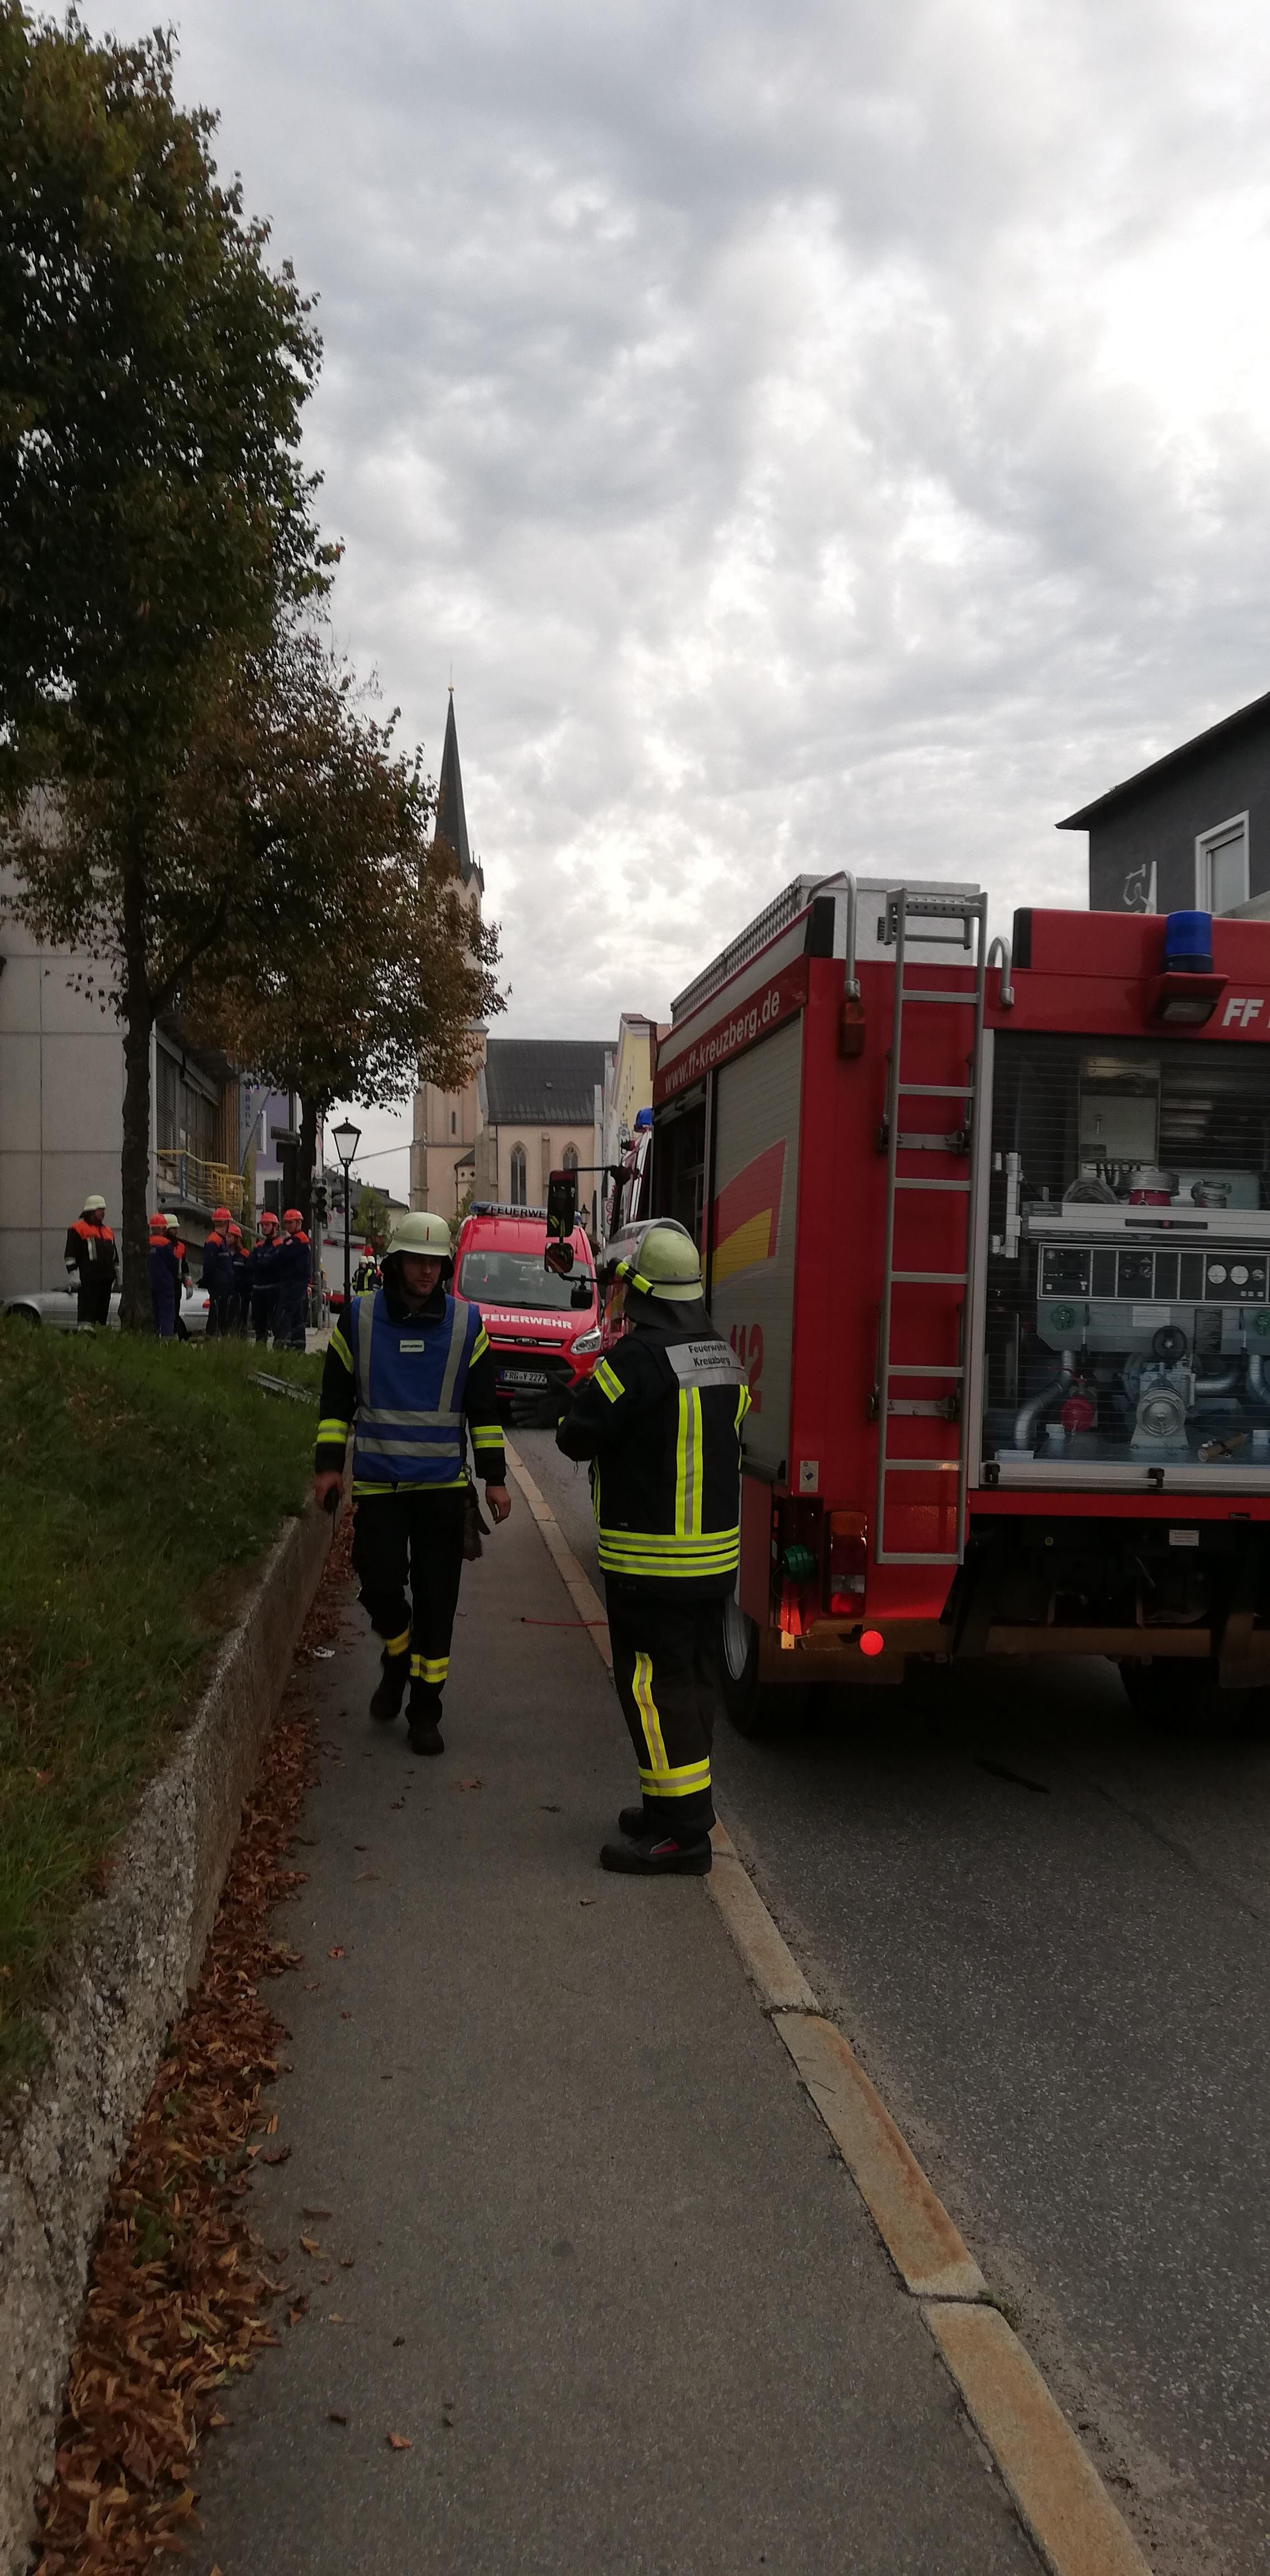 Brandschutzwoche 2018 - Beginn der Übung